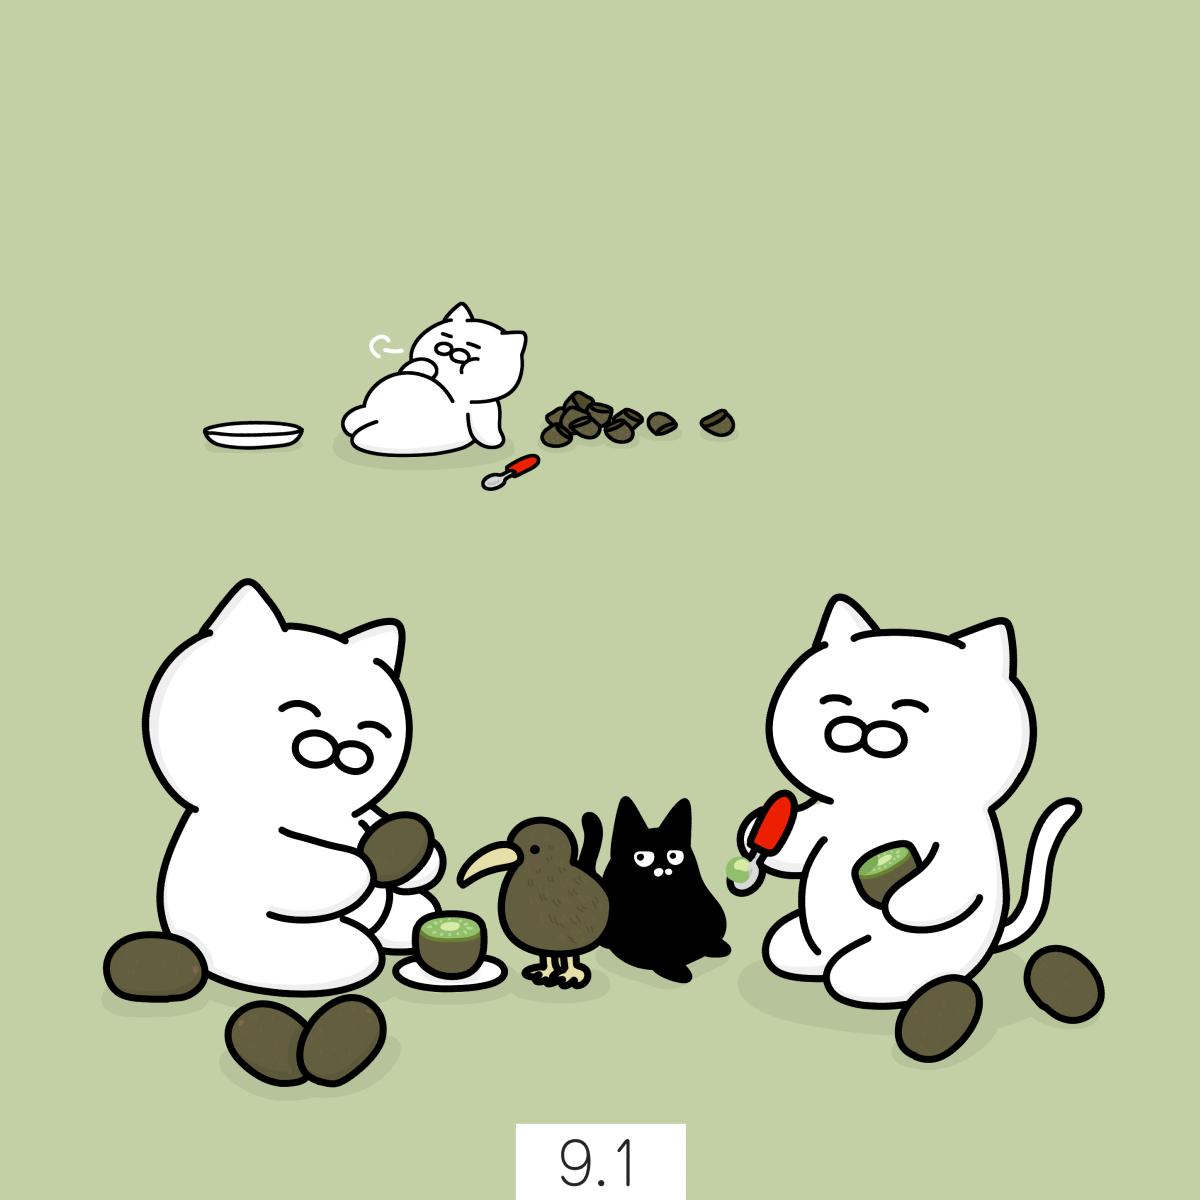 9月1日【#キウイの日】 「キュー(9)イ(1)」の語呂合せで制定されました